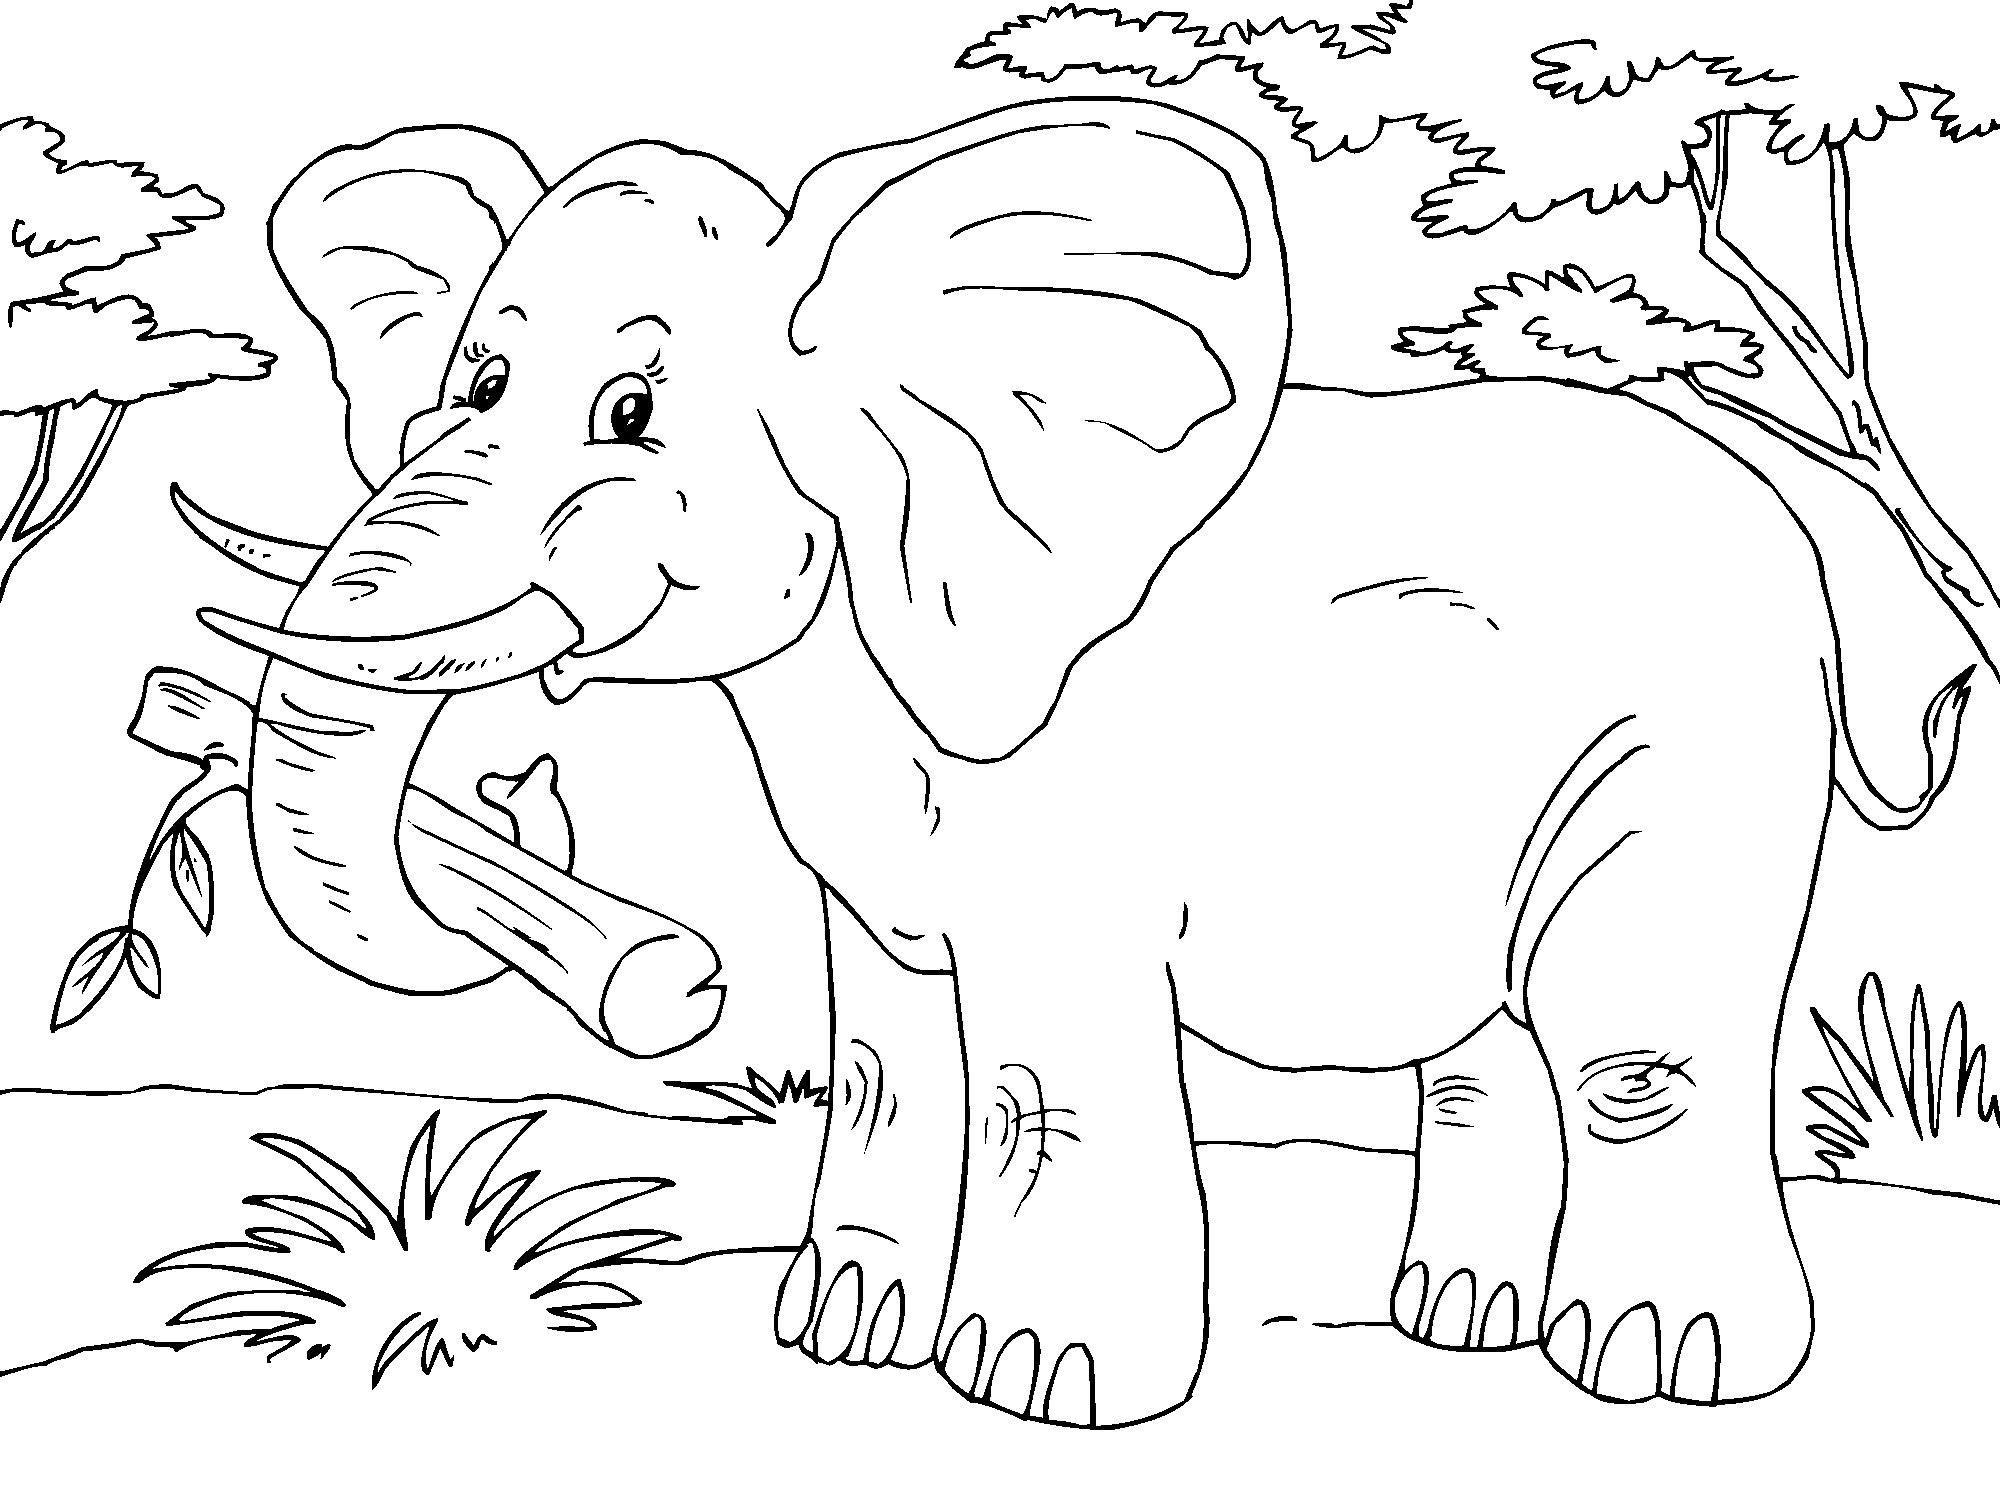 Malvorlage Elefant - Kostenlose Ausmalbilder Zum Ausdrucken. innen Elefanten Malvorlagen